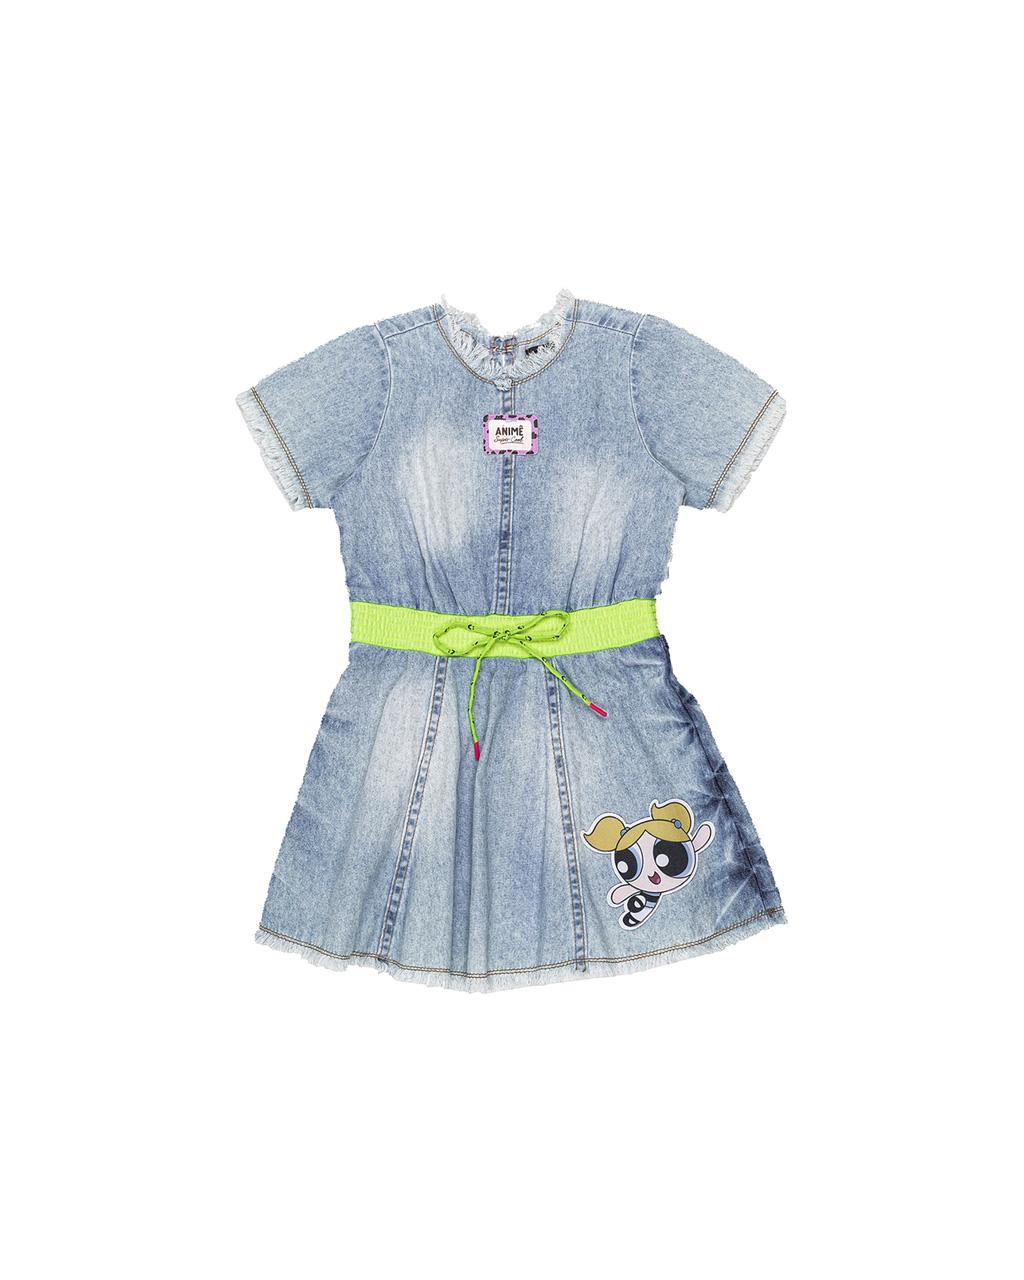 Vestido Infantil Jeans Animê